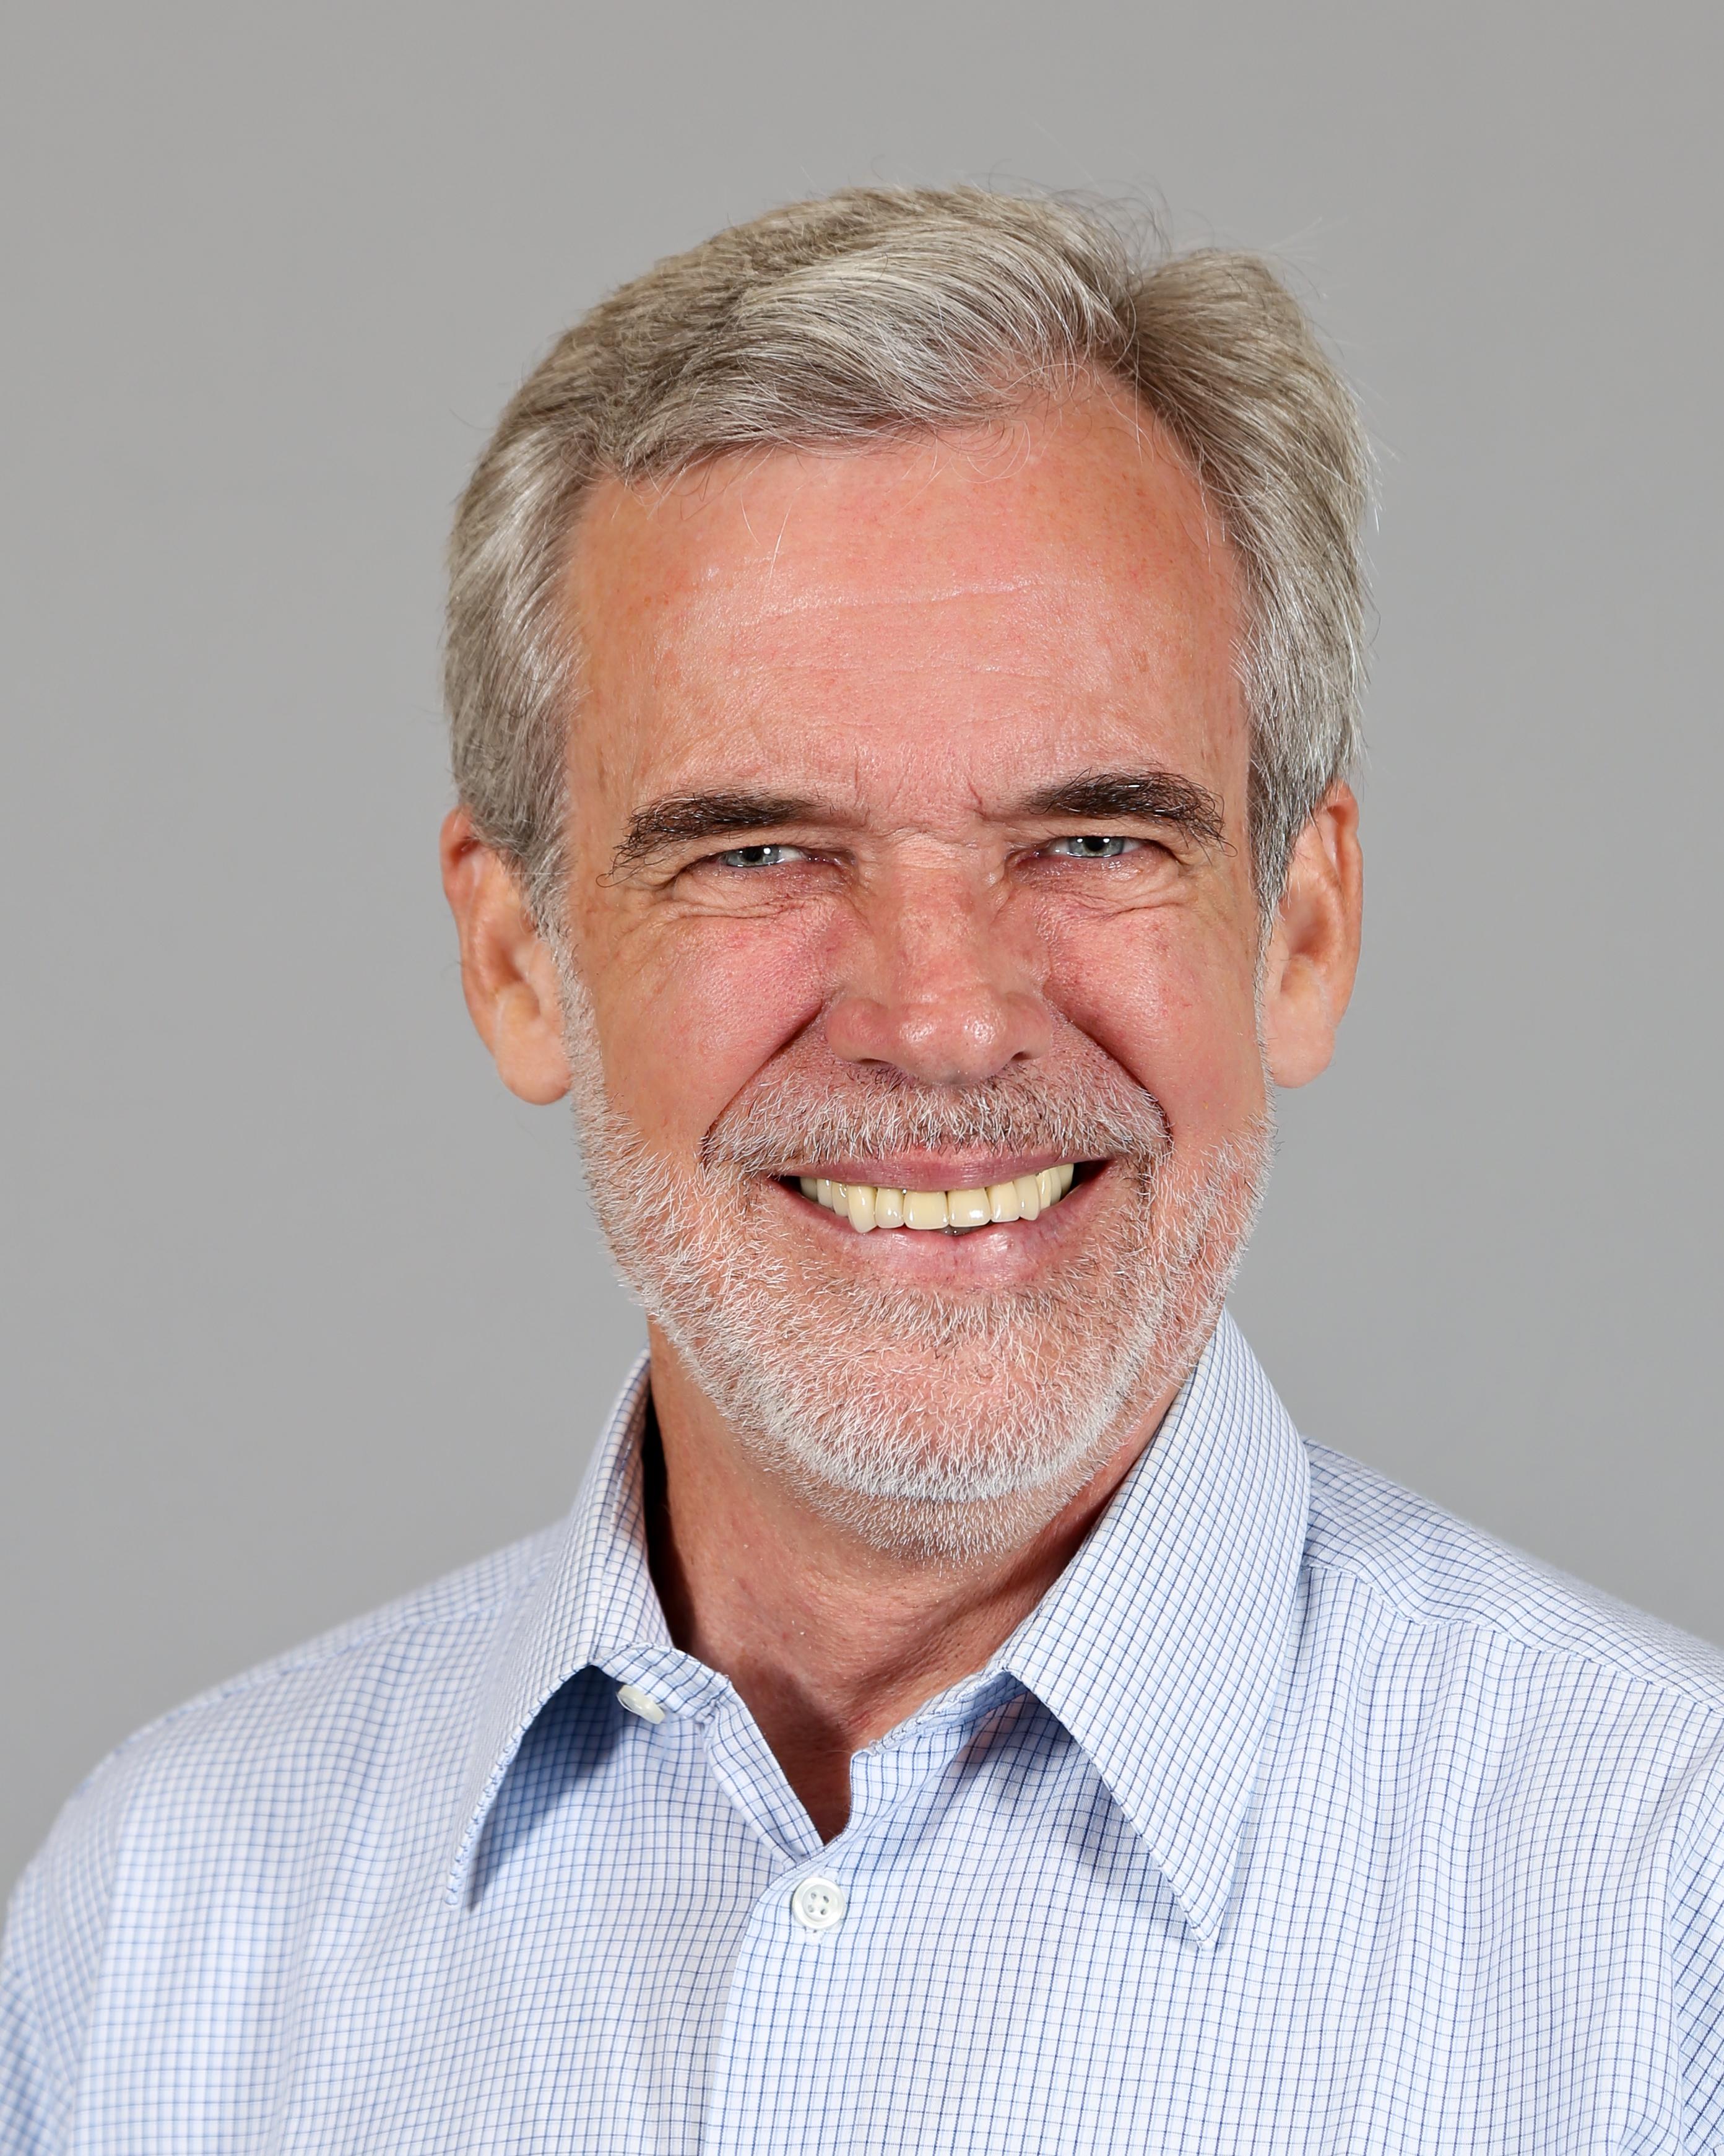 Michael McKelvy Portrait Photo